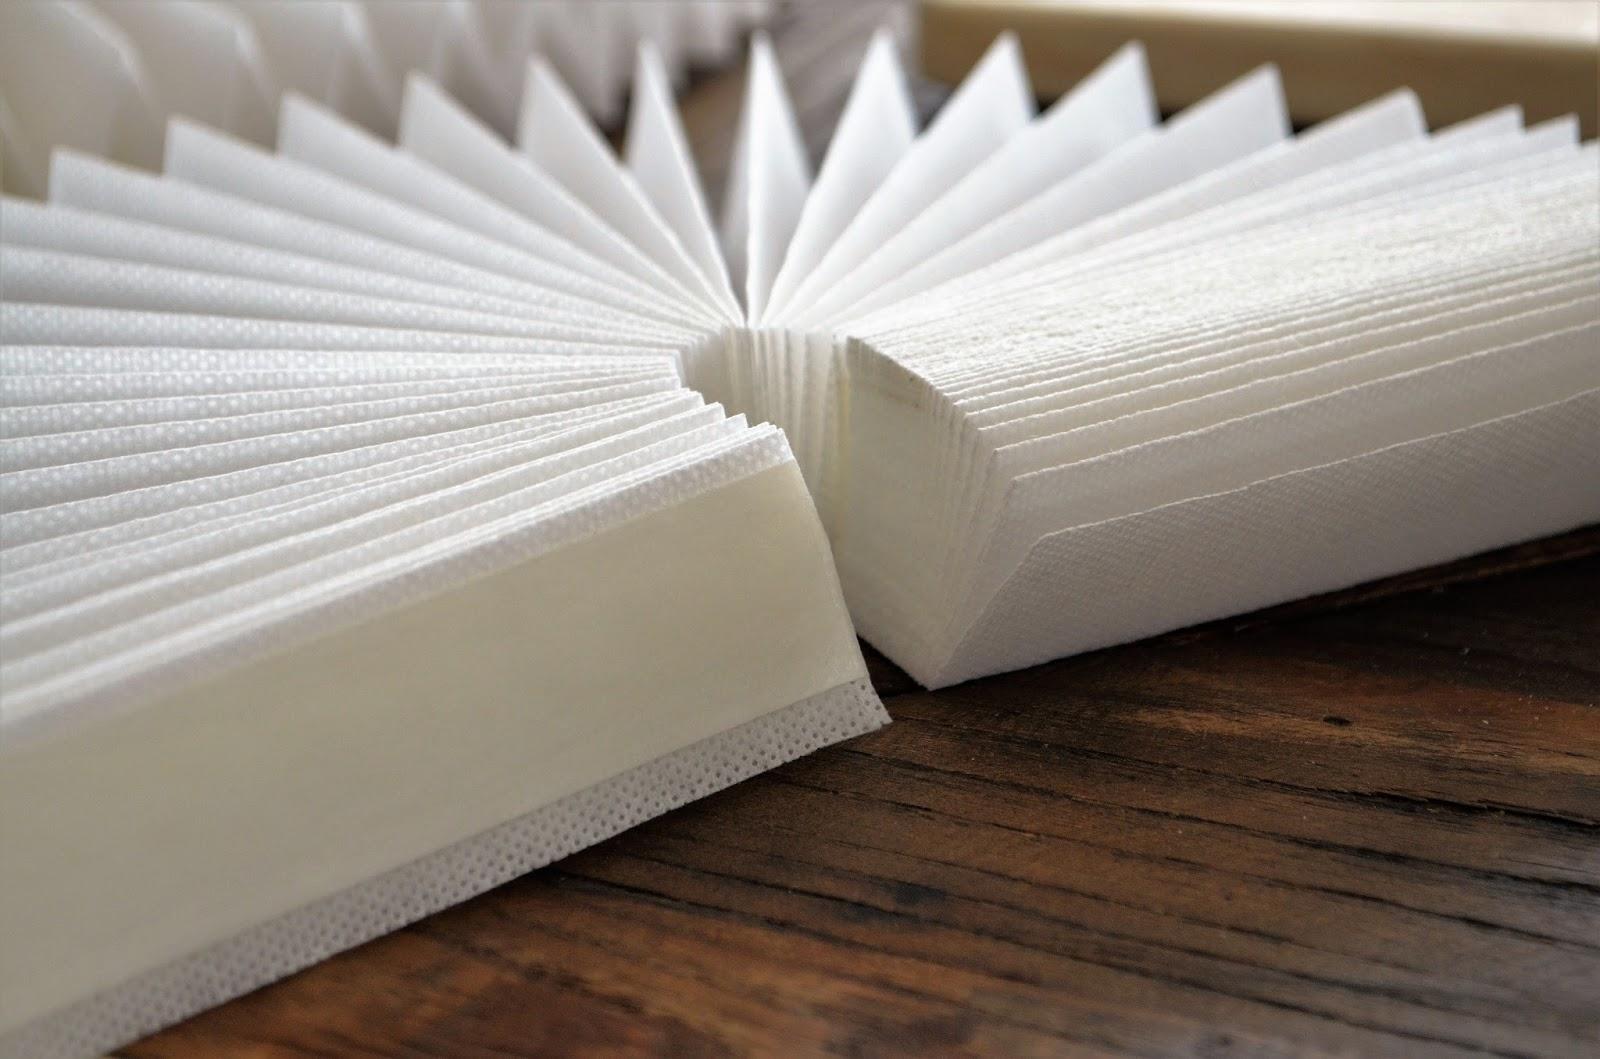 jalousie aus papierrollen selber machen, ikea hackers oder oder wie mache ich es mir selbst: rosetten - deko-hus, Design ideen